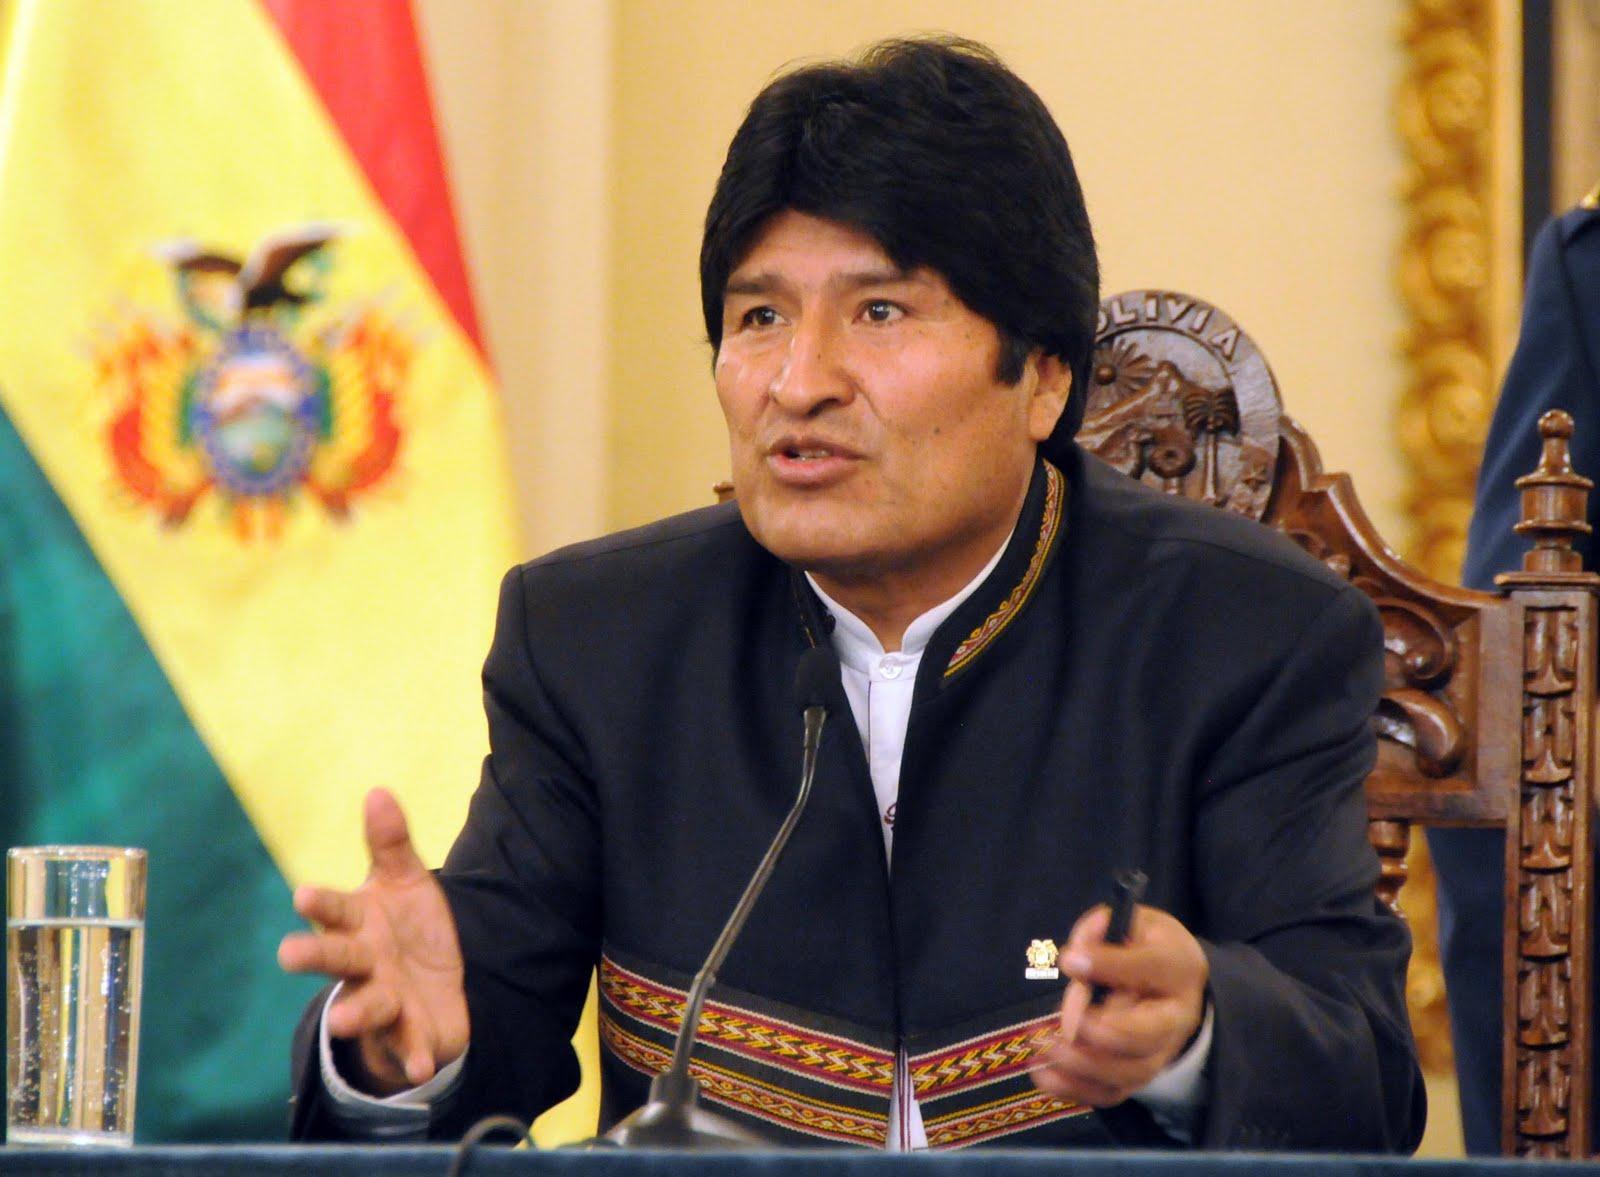 Morales destaca ampliación del aparato productivo para alcanzar la soberanía económica (Amplía)